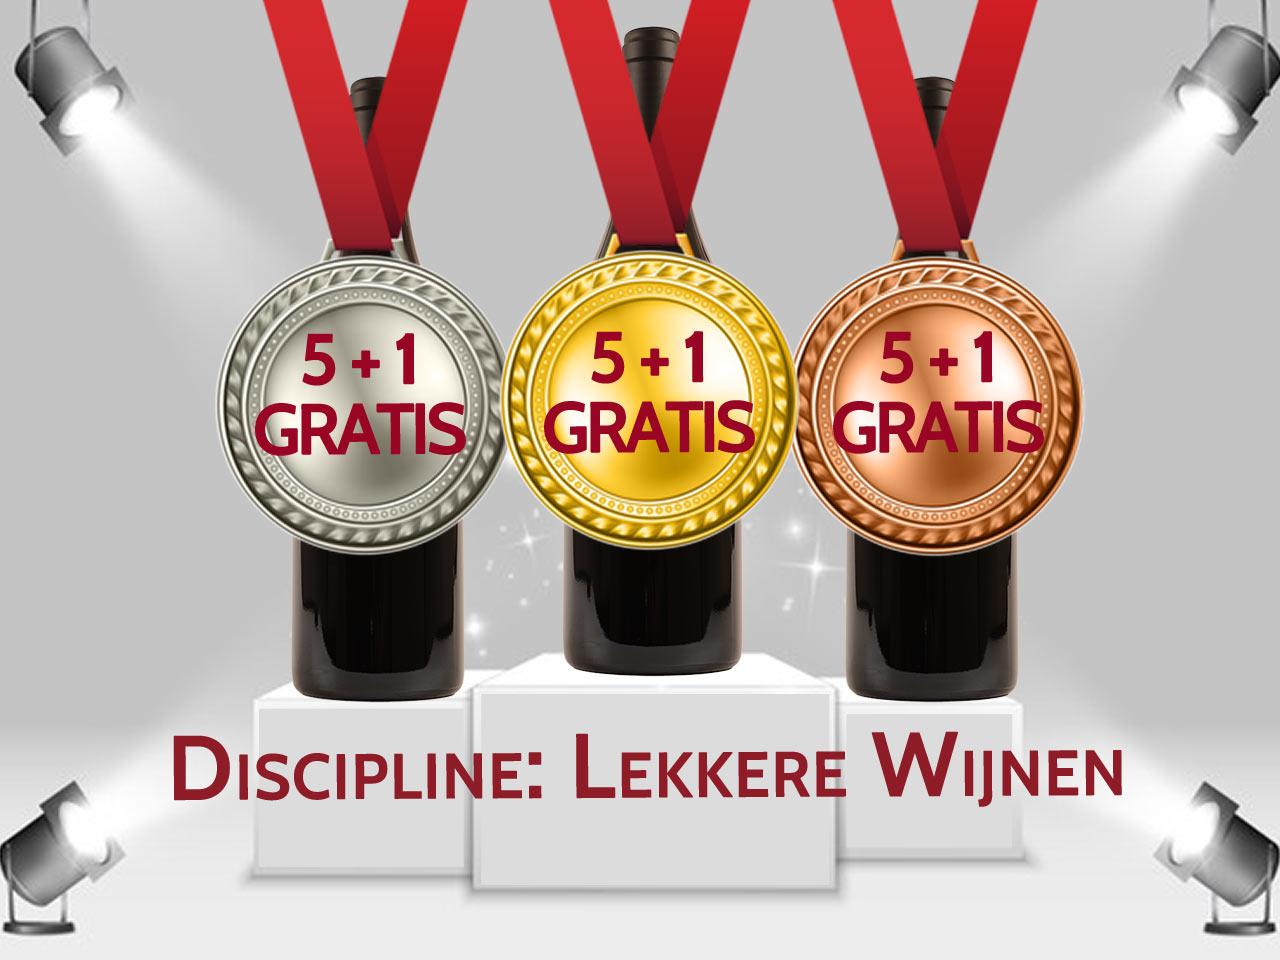 medaille wijnen promo 5+1 gratis